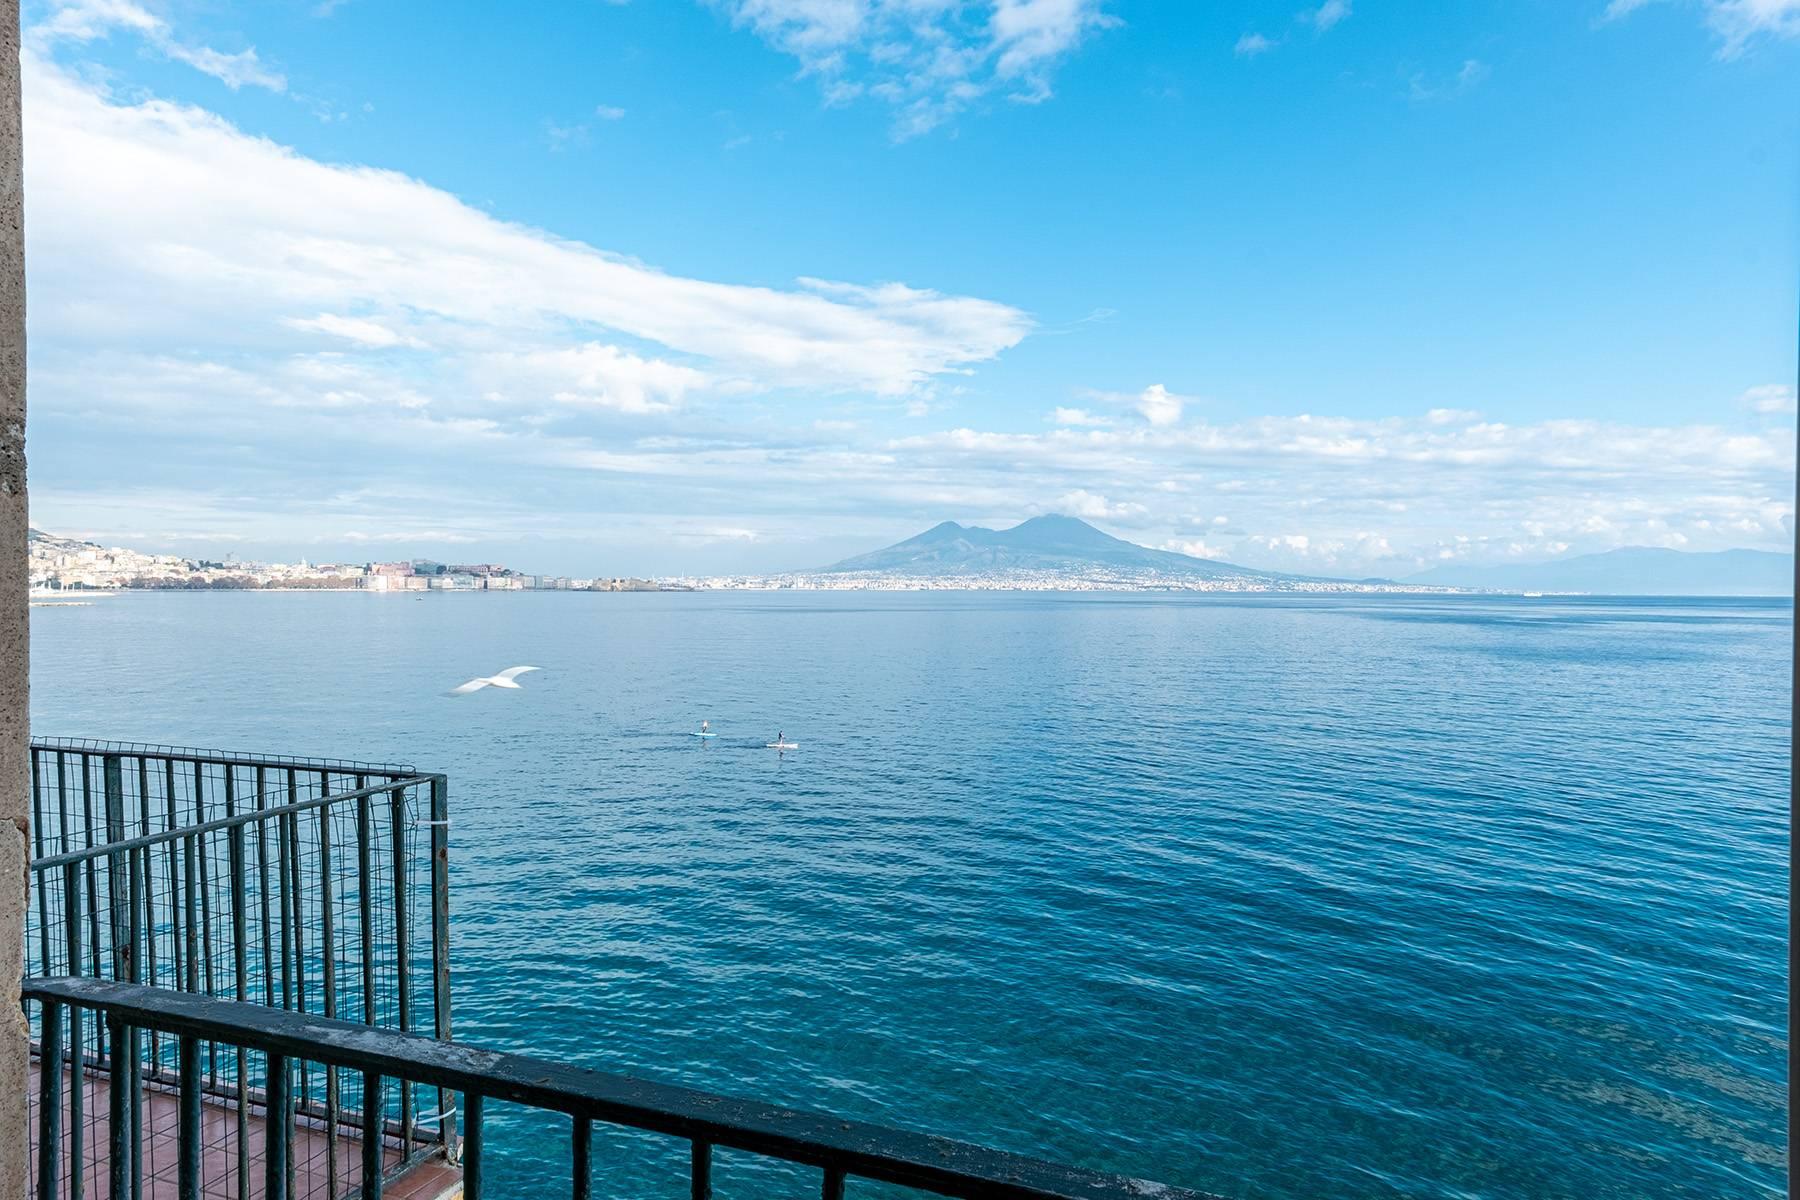 Attico in Vendita a Napoli: 5 locali, 650 mq - Foto 24